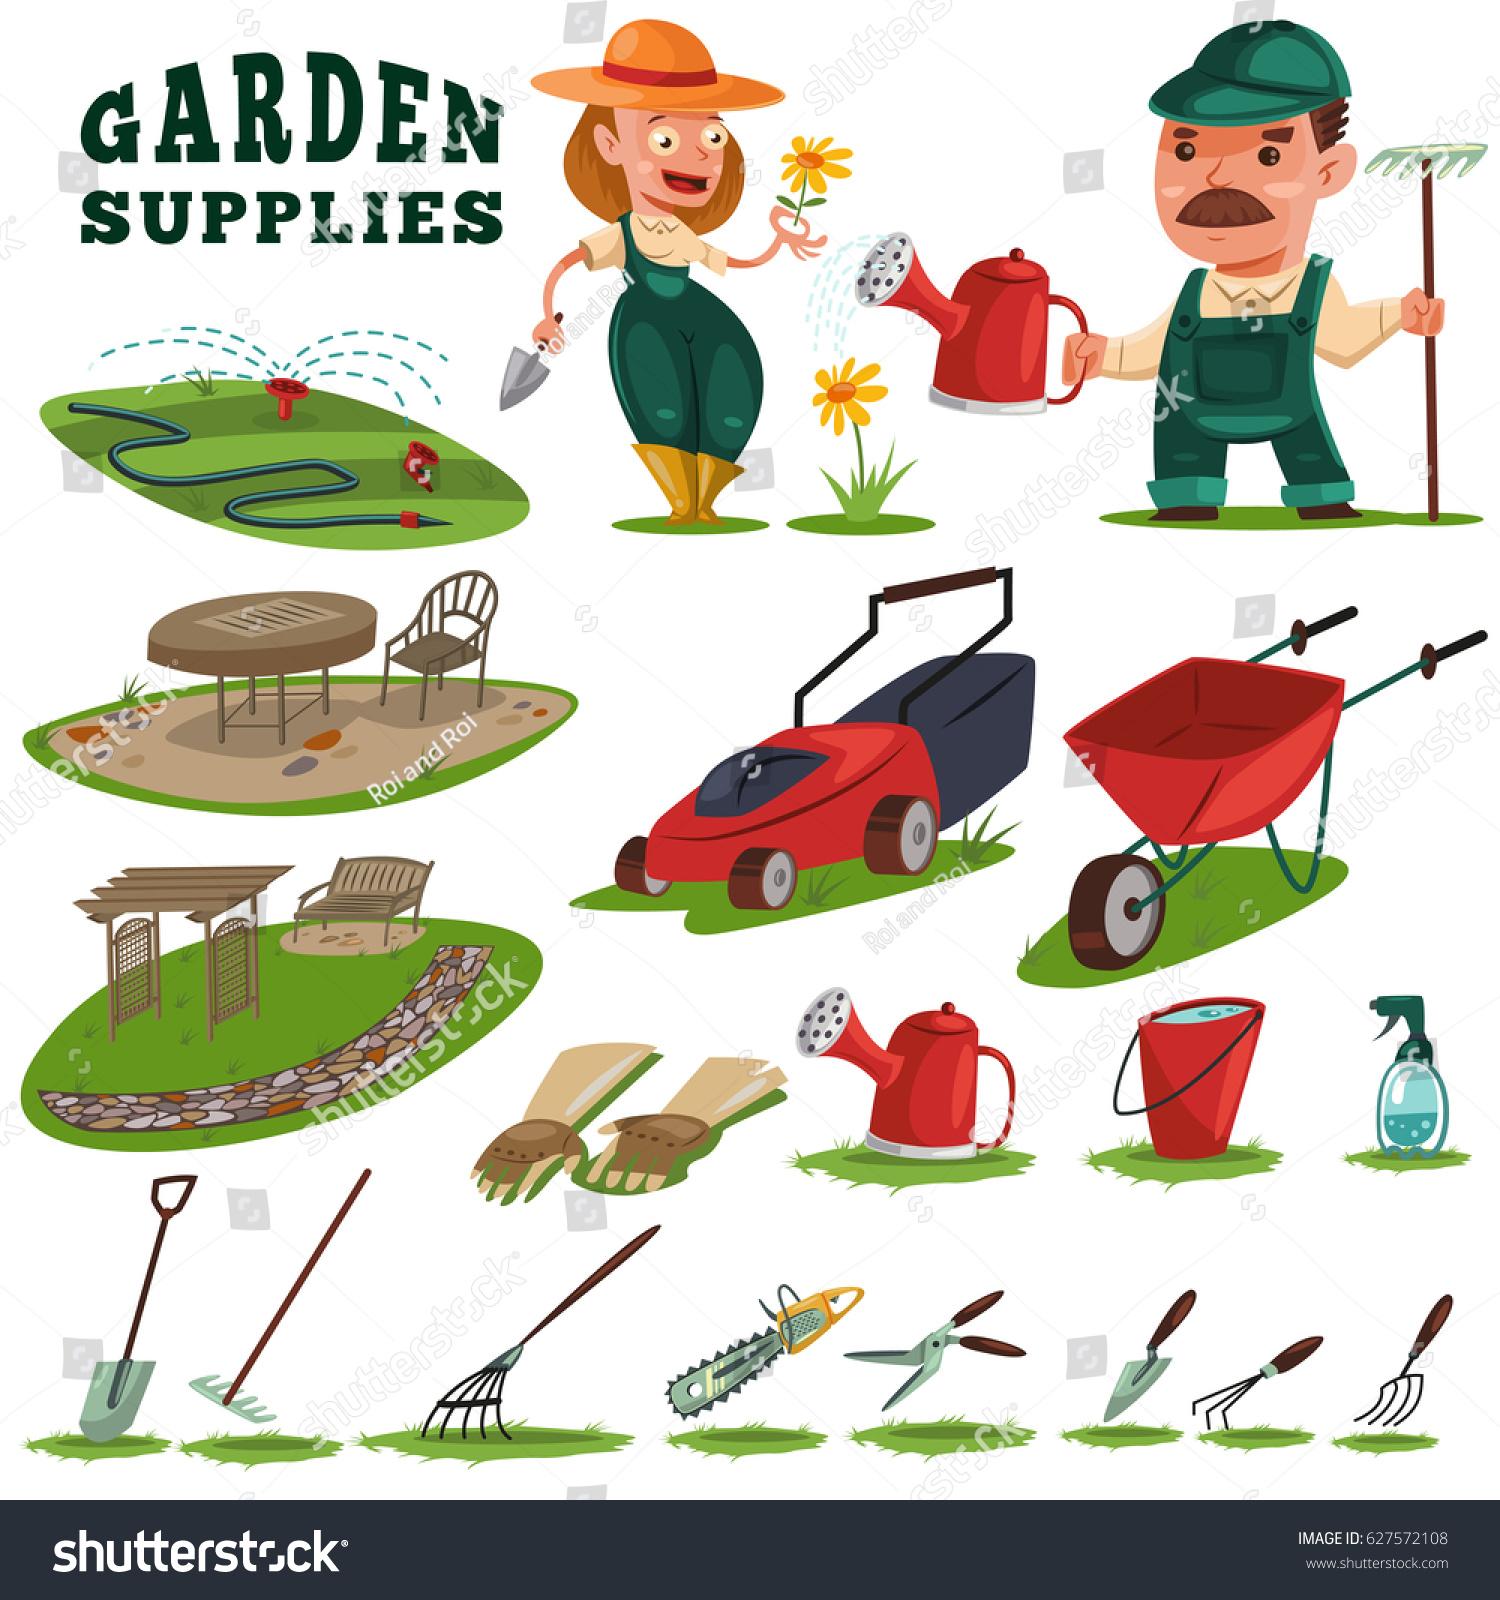 Gardeners man woman gardening supplies tools stock vector for Gardeners supply burlington